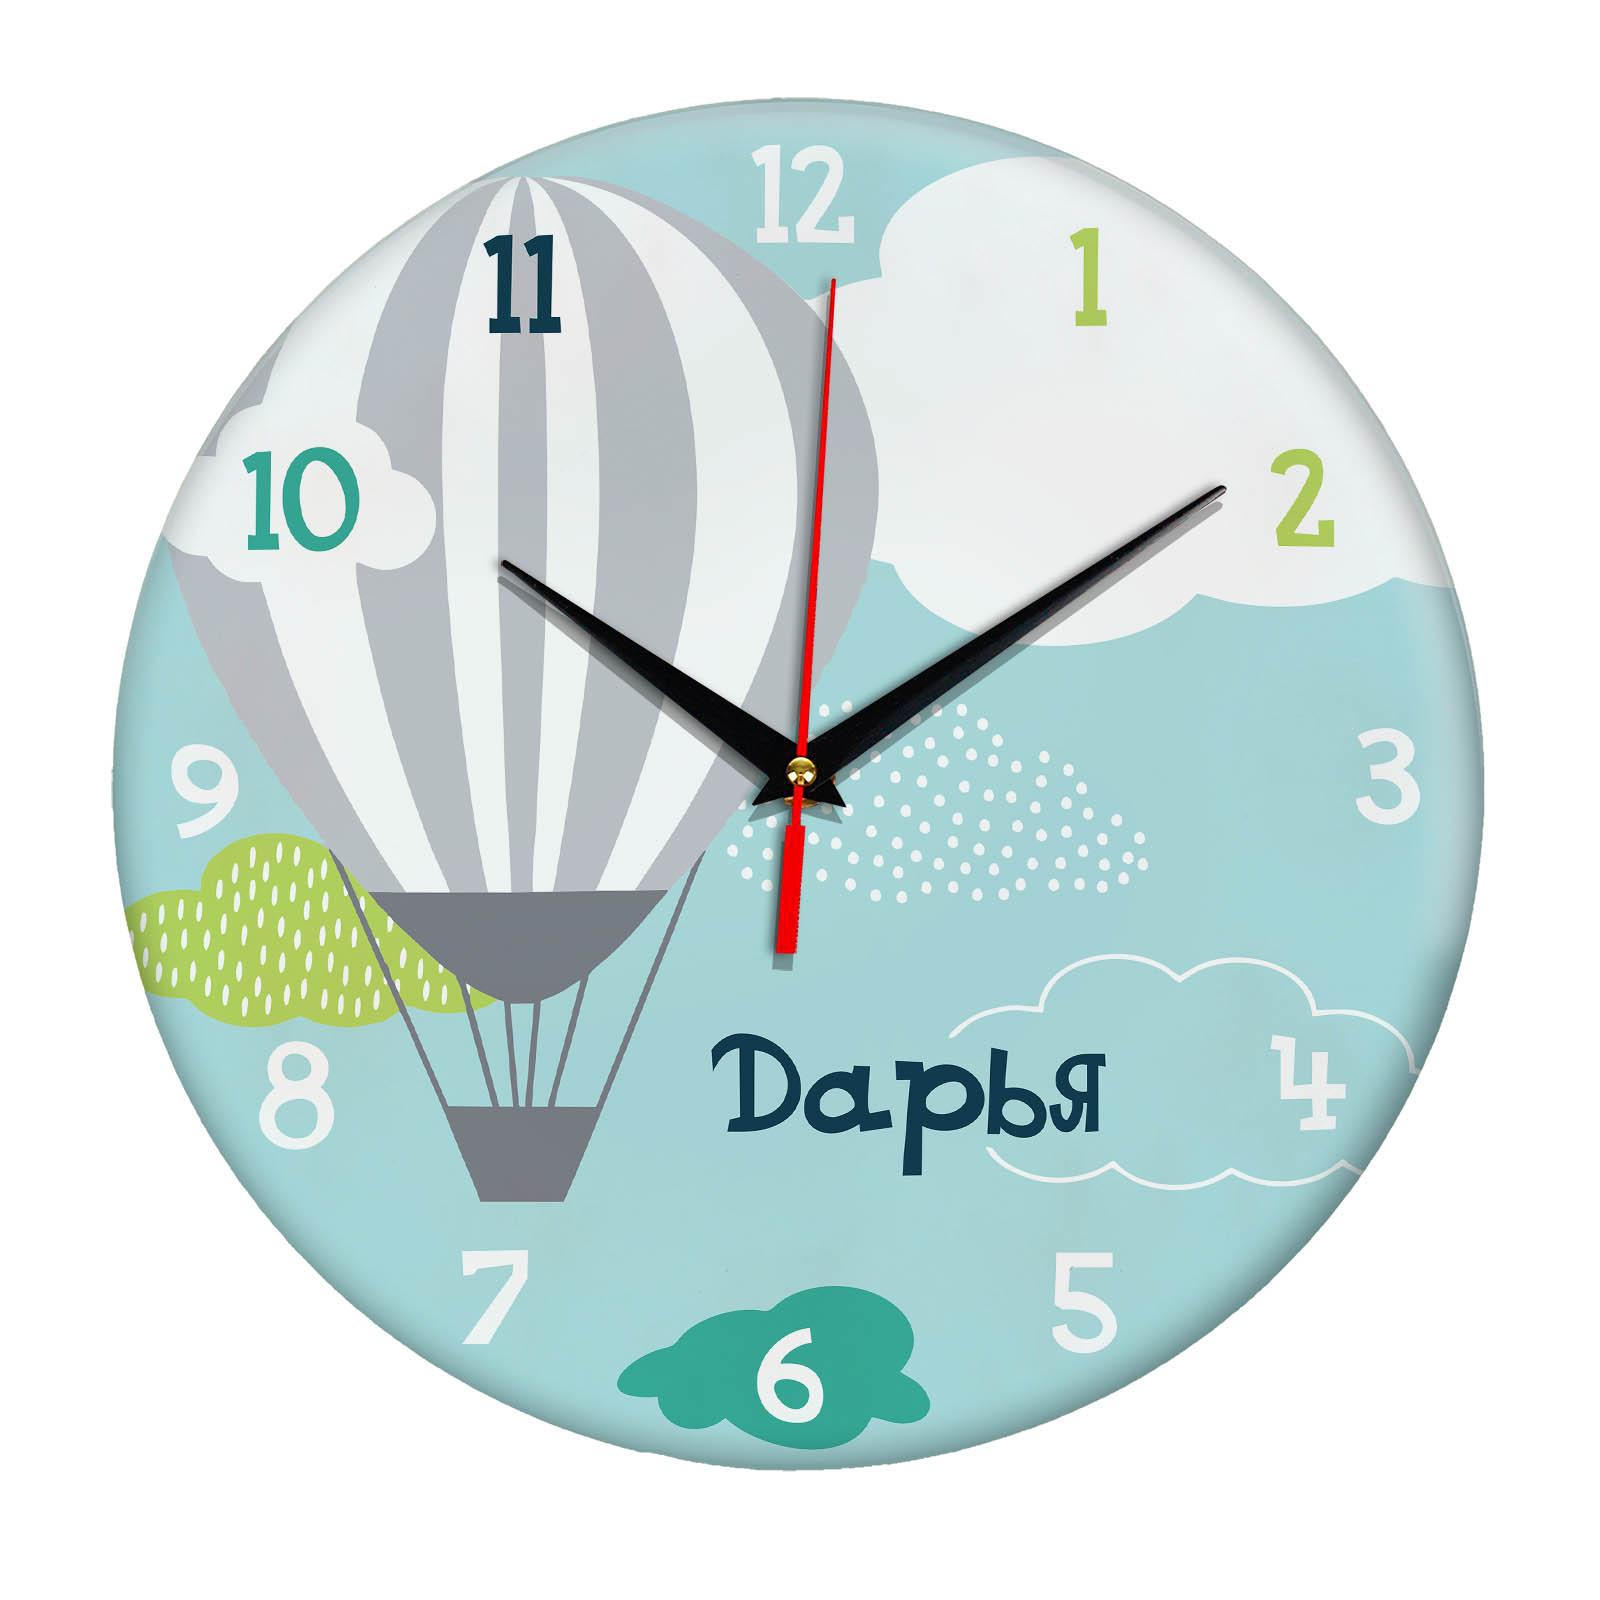 Подарок именной — Настенные часы с именем Дарья